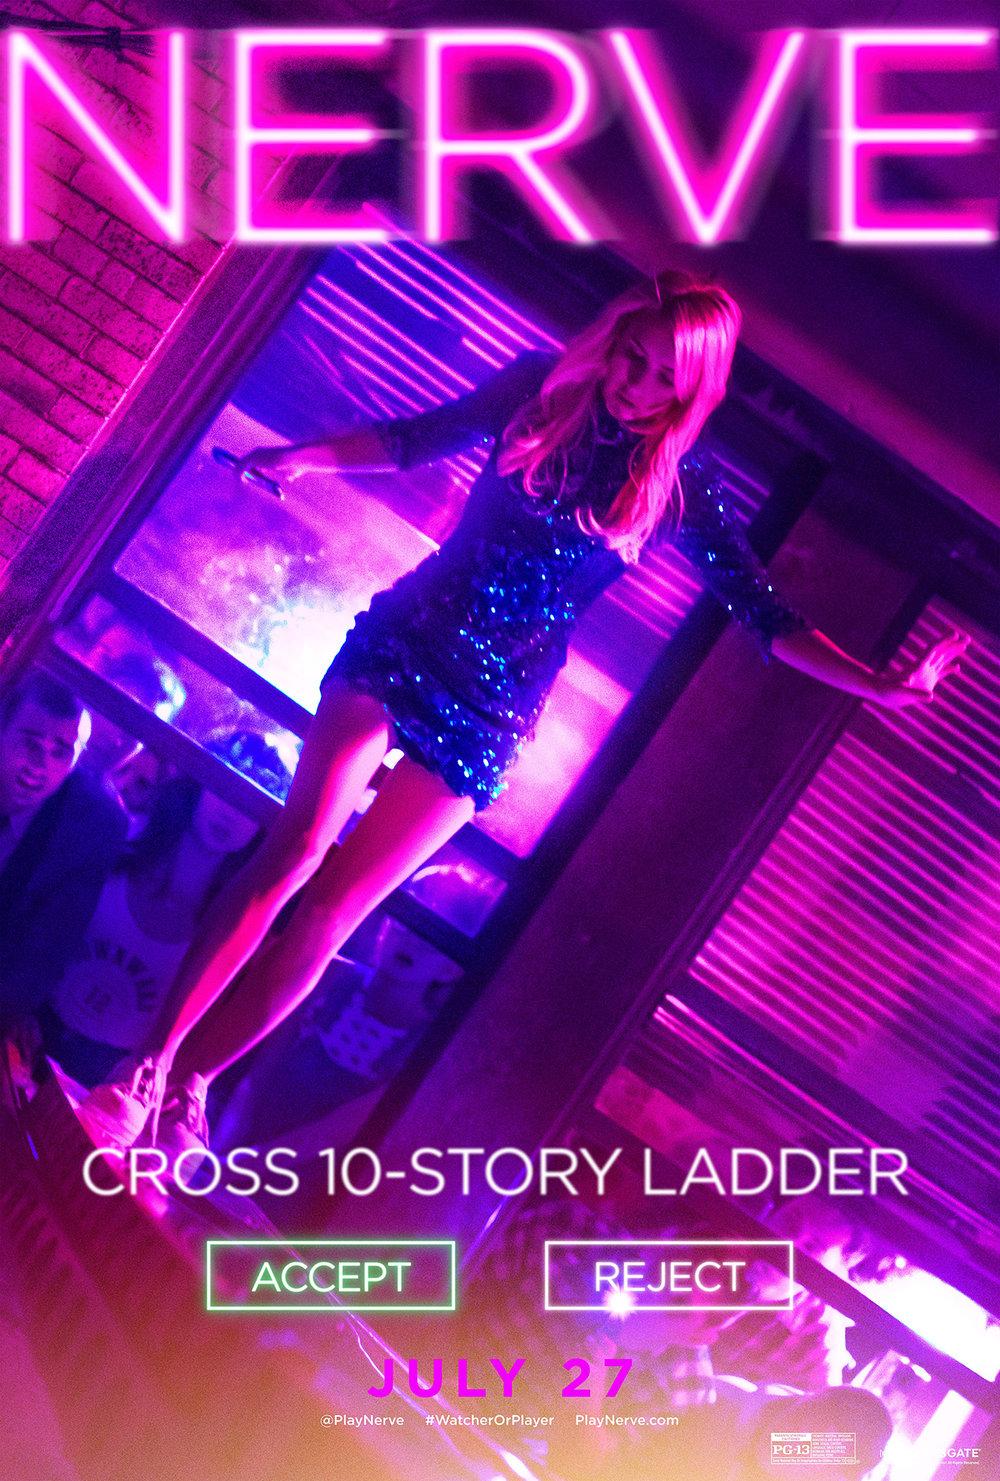 Nerve_Online_1Sht_Ladder_100dpi.jpg